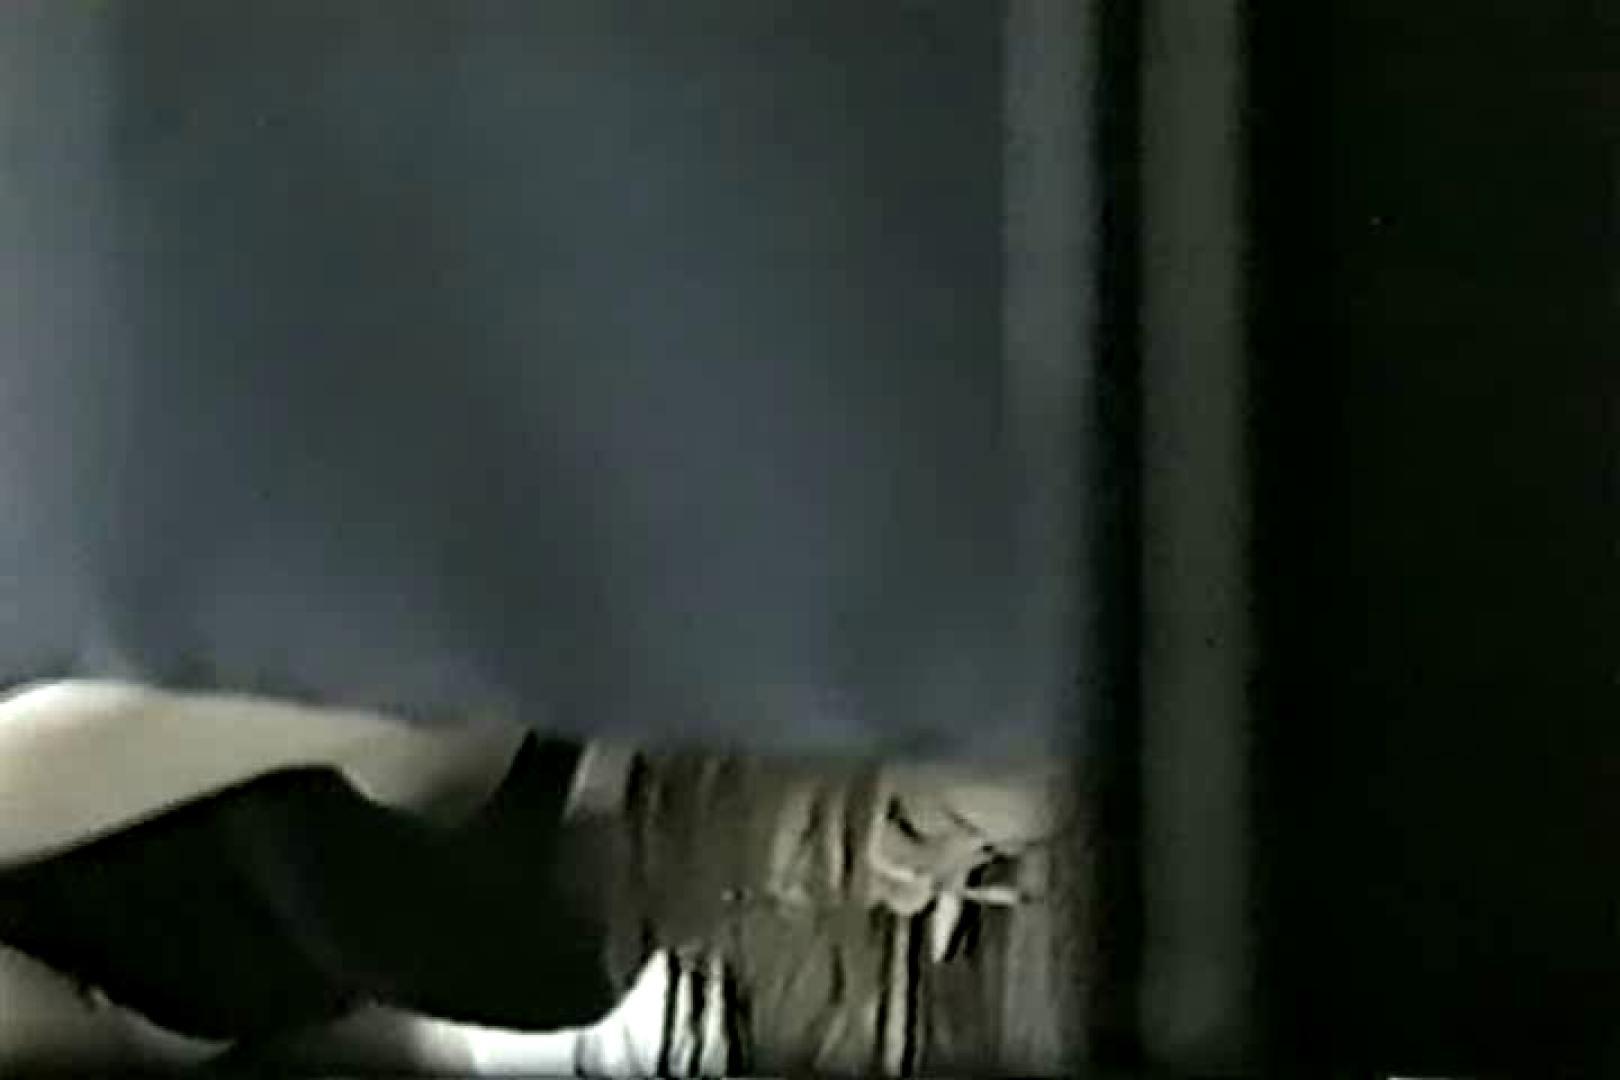 深夜の撮影会Vol.6 OLの実態  56pic 20